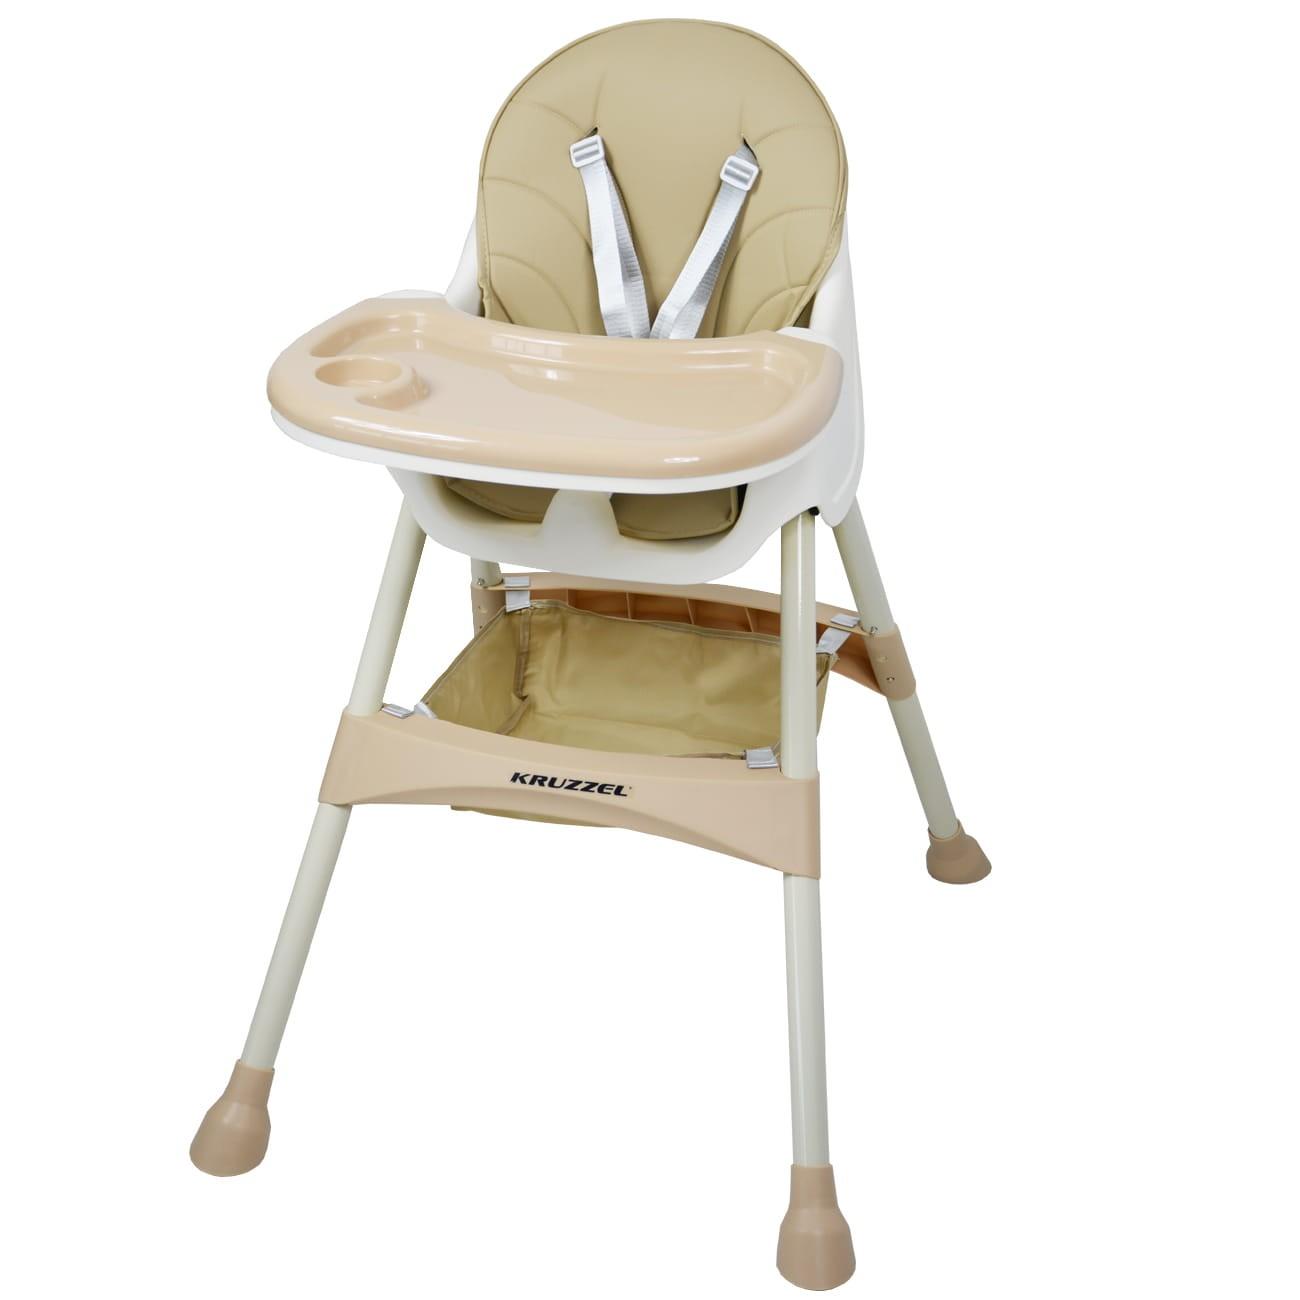 Vysoká židle pro krmení dítěte, nastavitelný podnos, béžové sedadlo